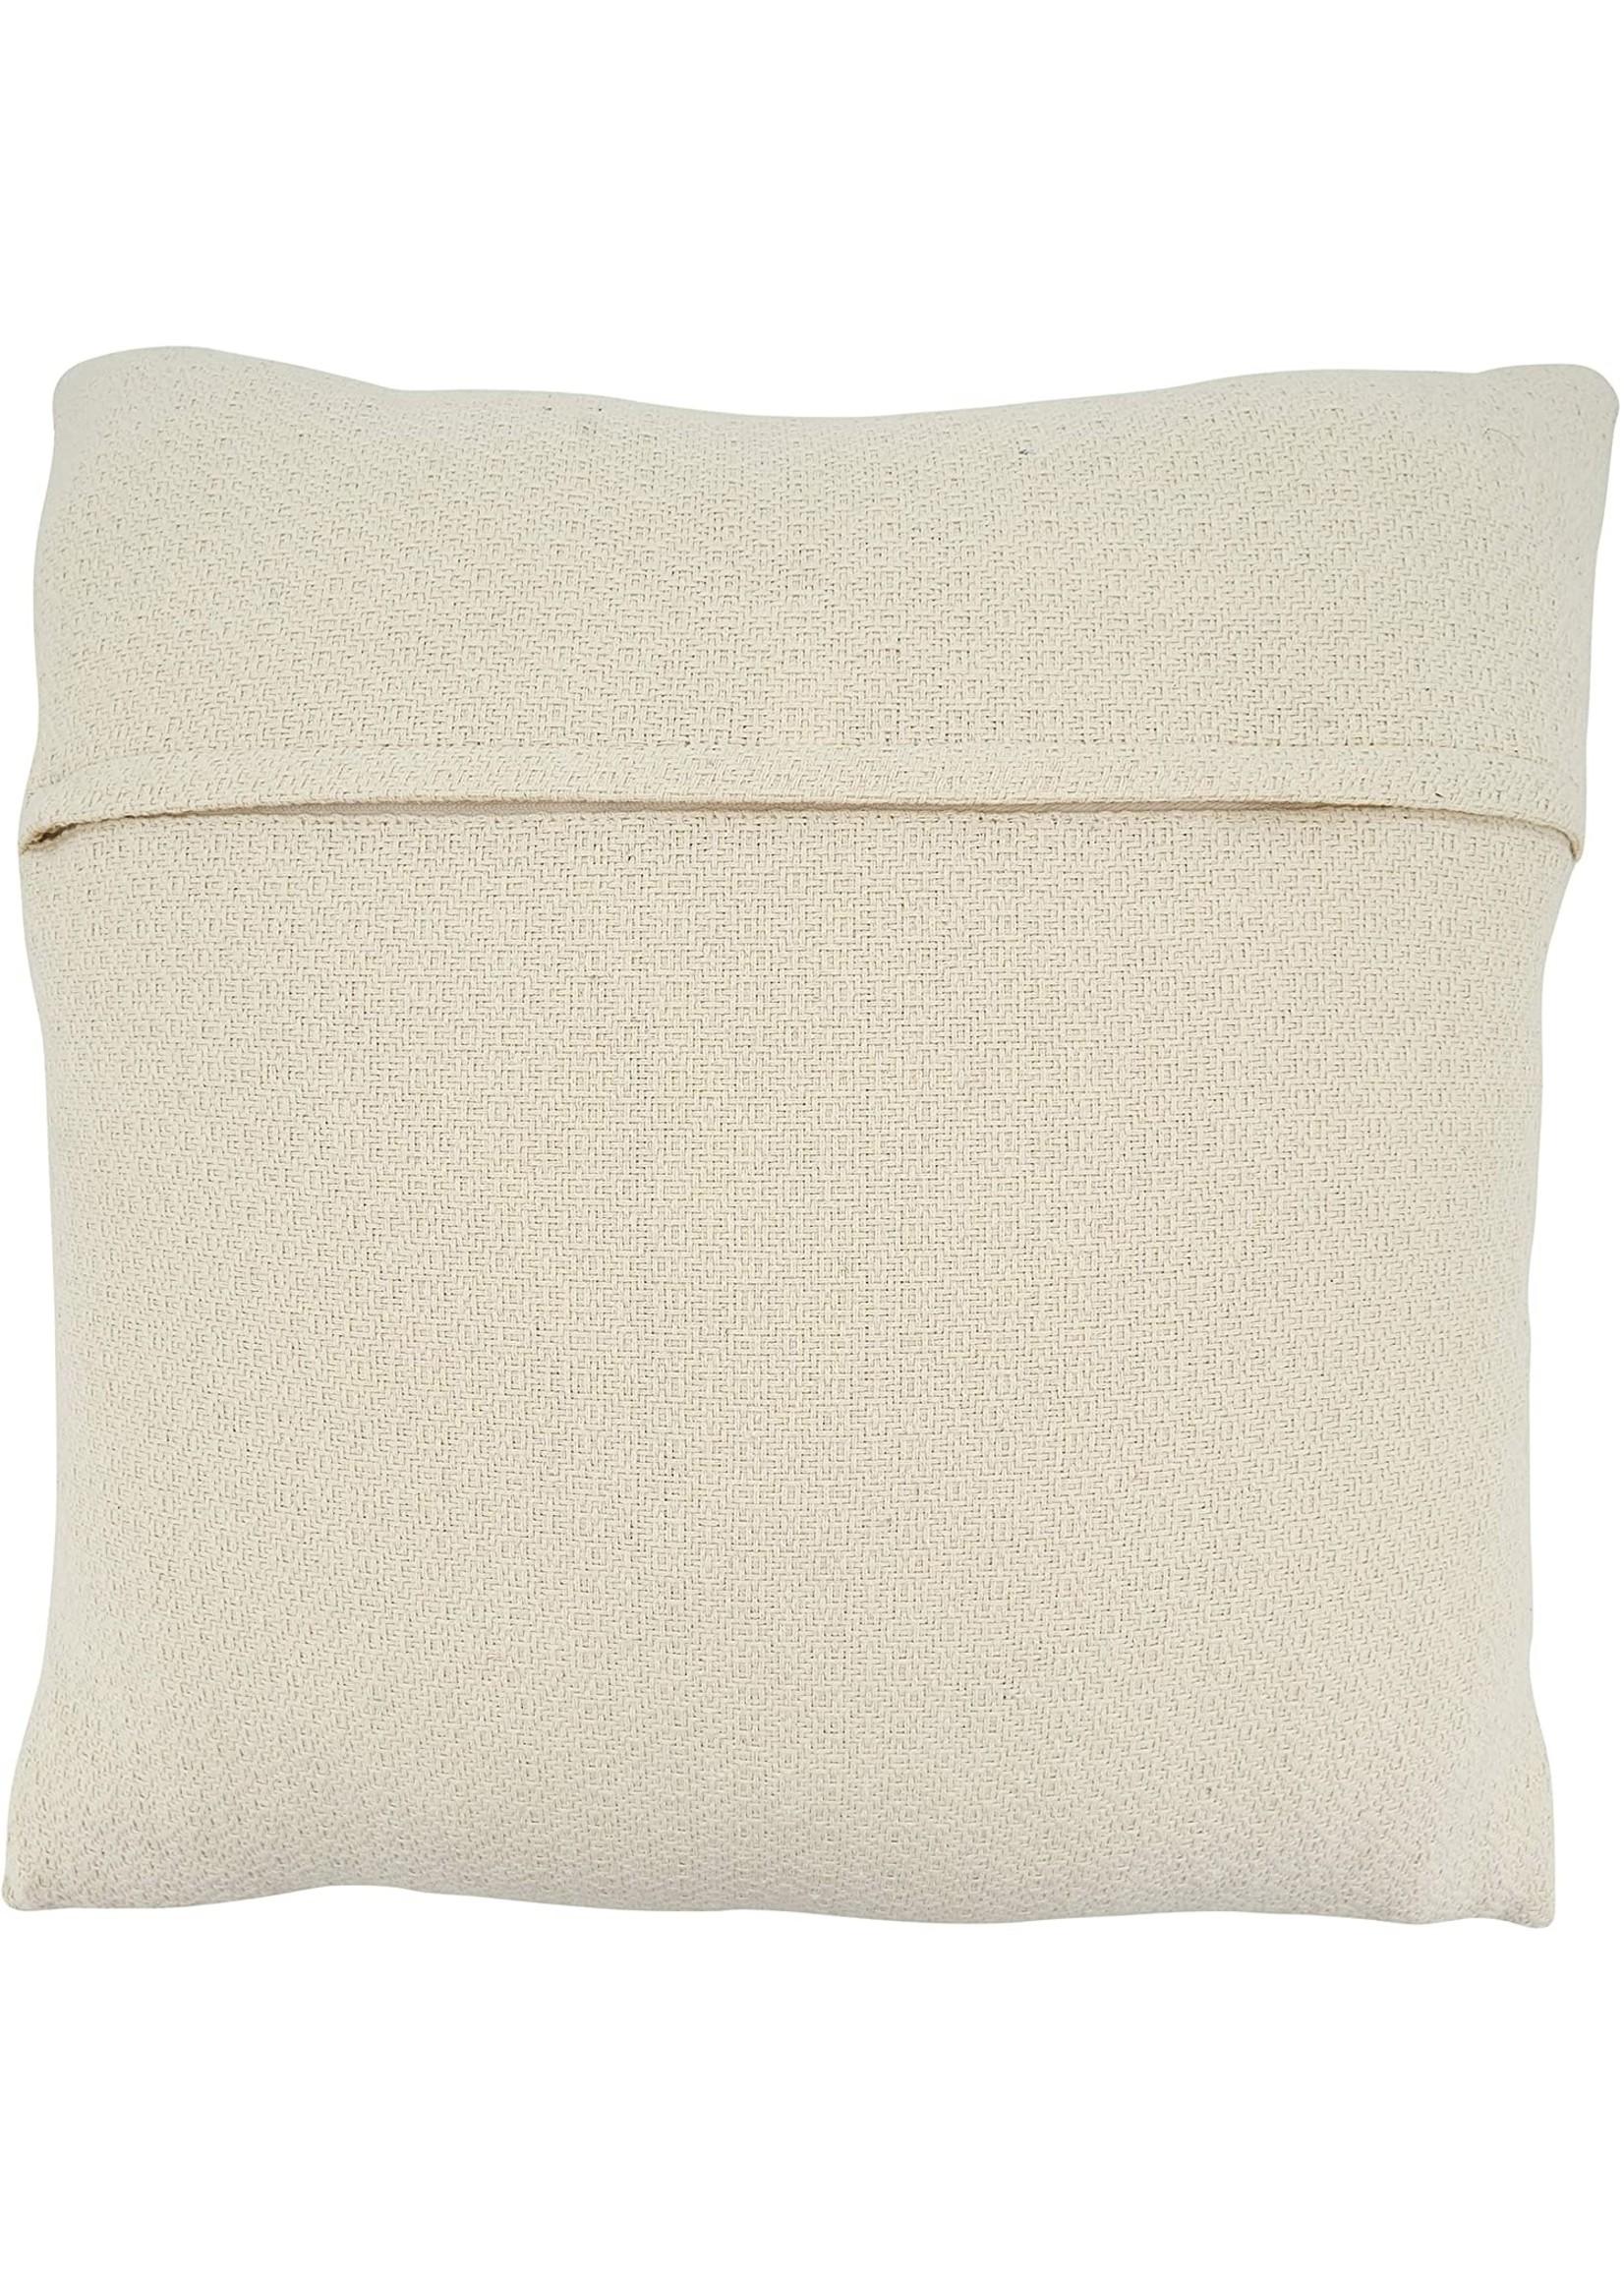 Saro SARO Mudcloth Pillow Black White